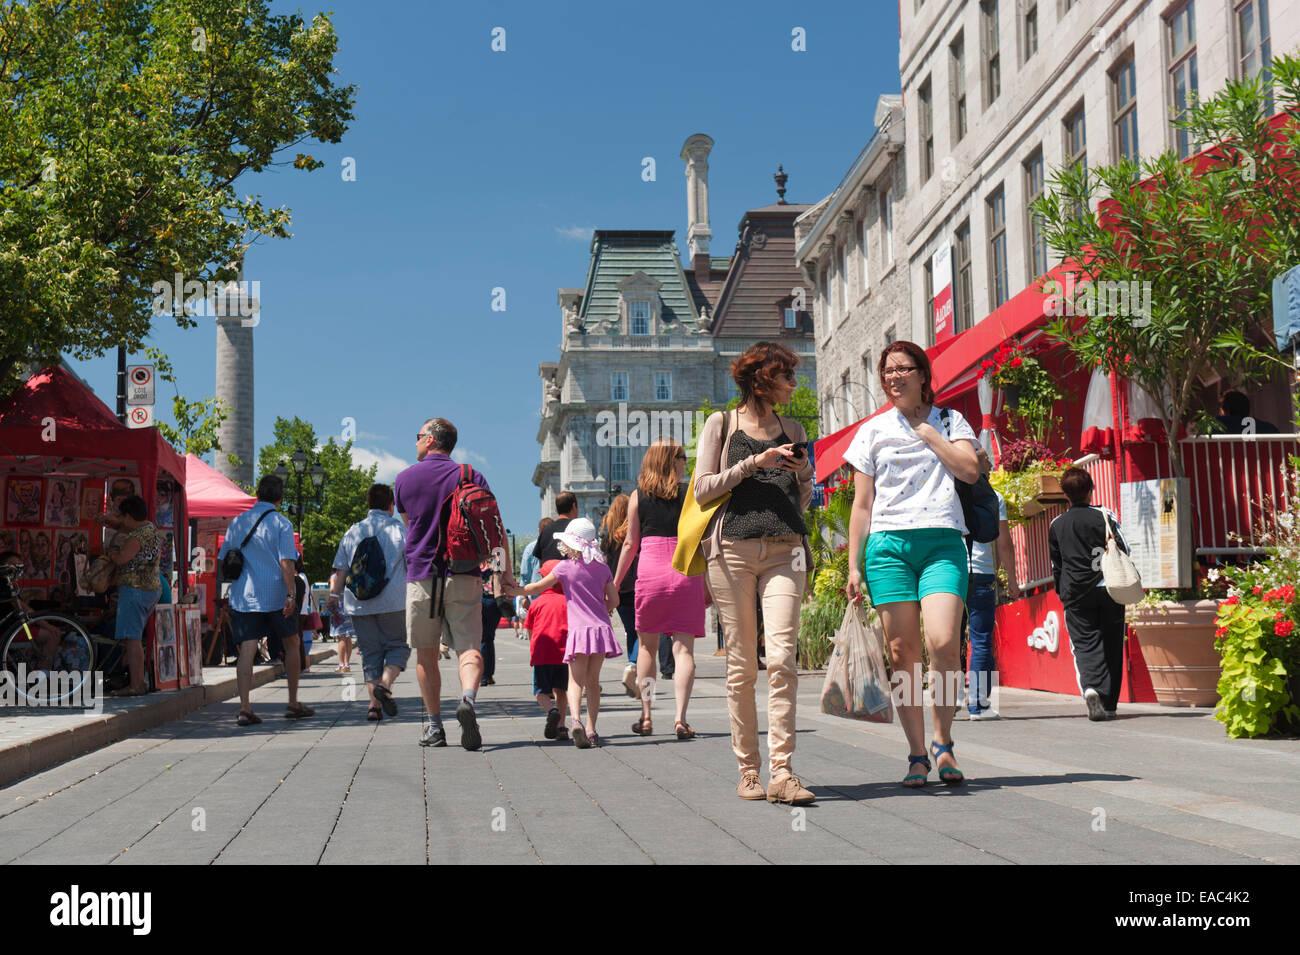 Persone che passeggiano sul posto Jacques Cartier, la Vecchia Montreal, Canada. Immagini Stock